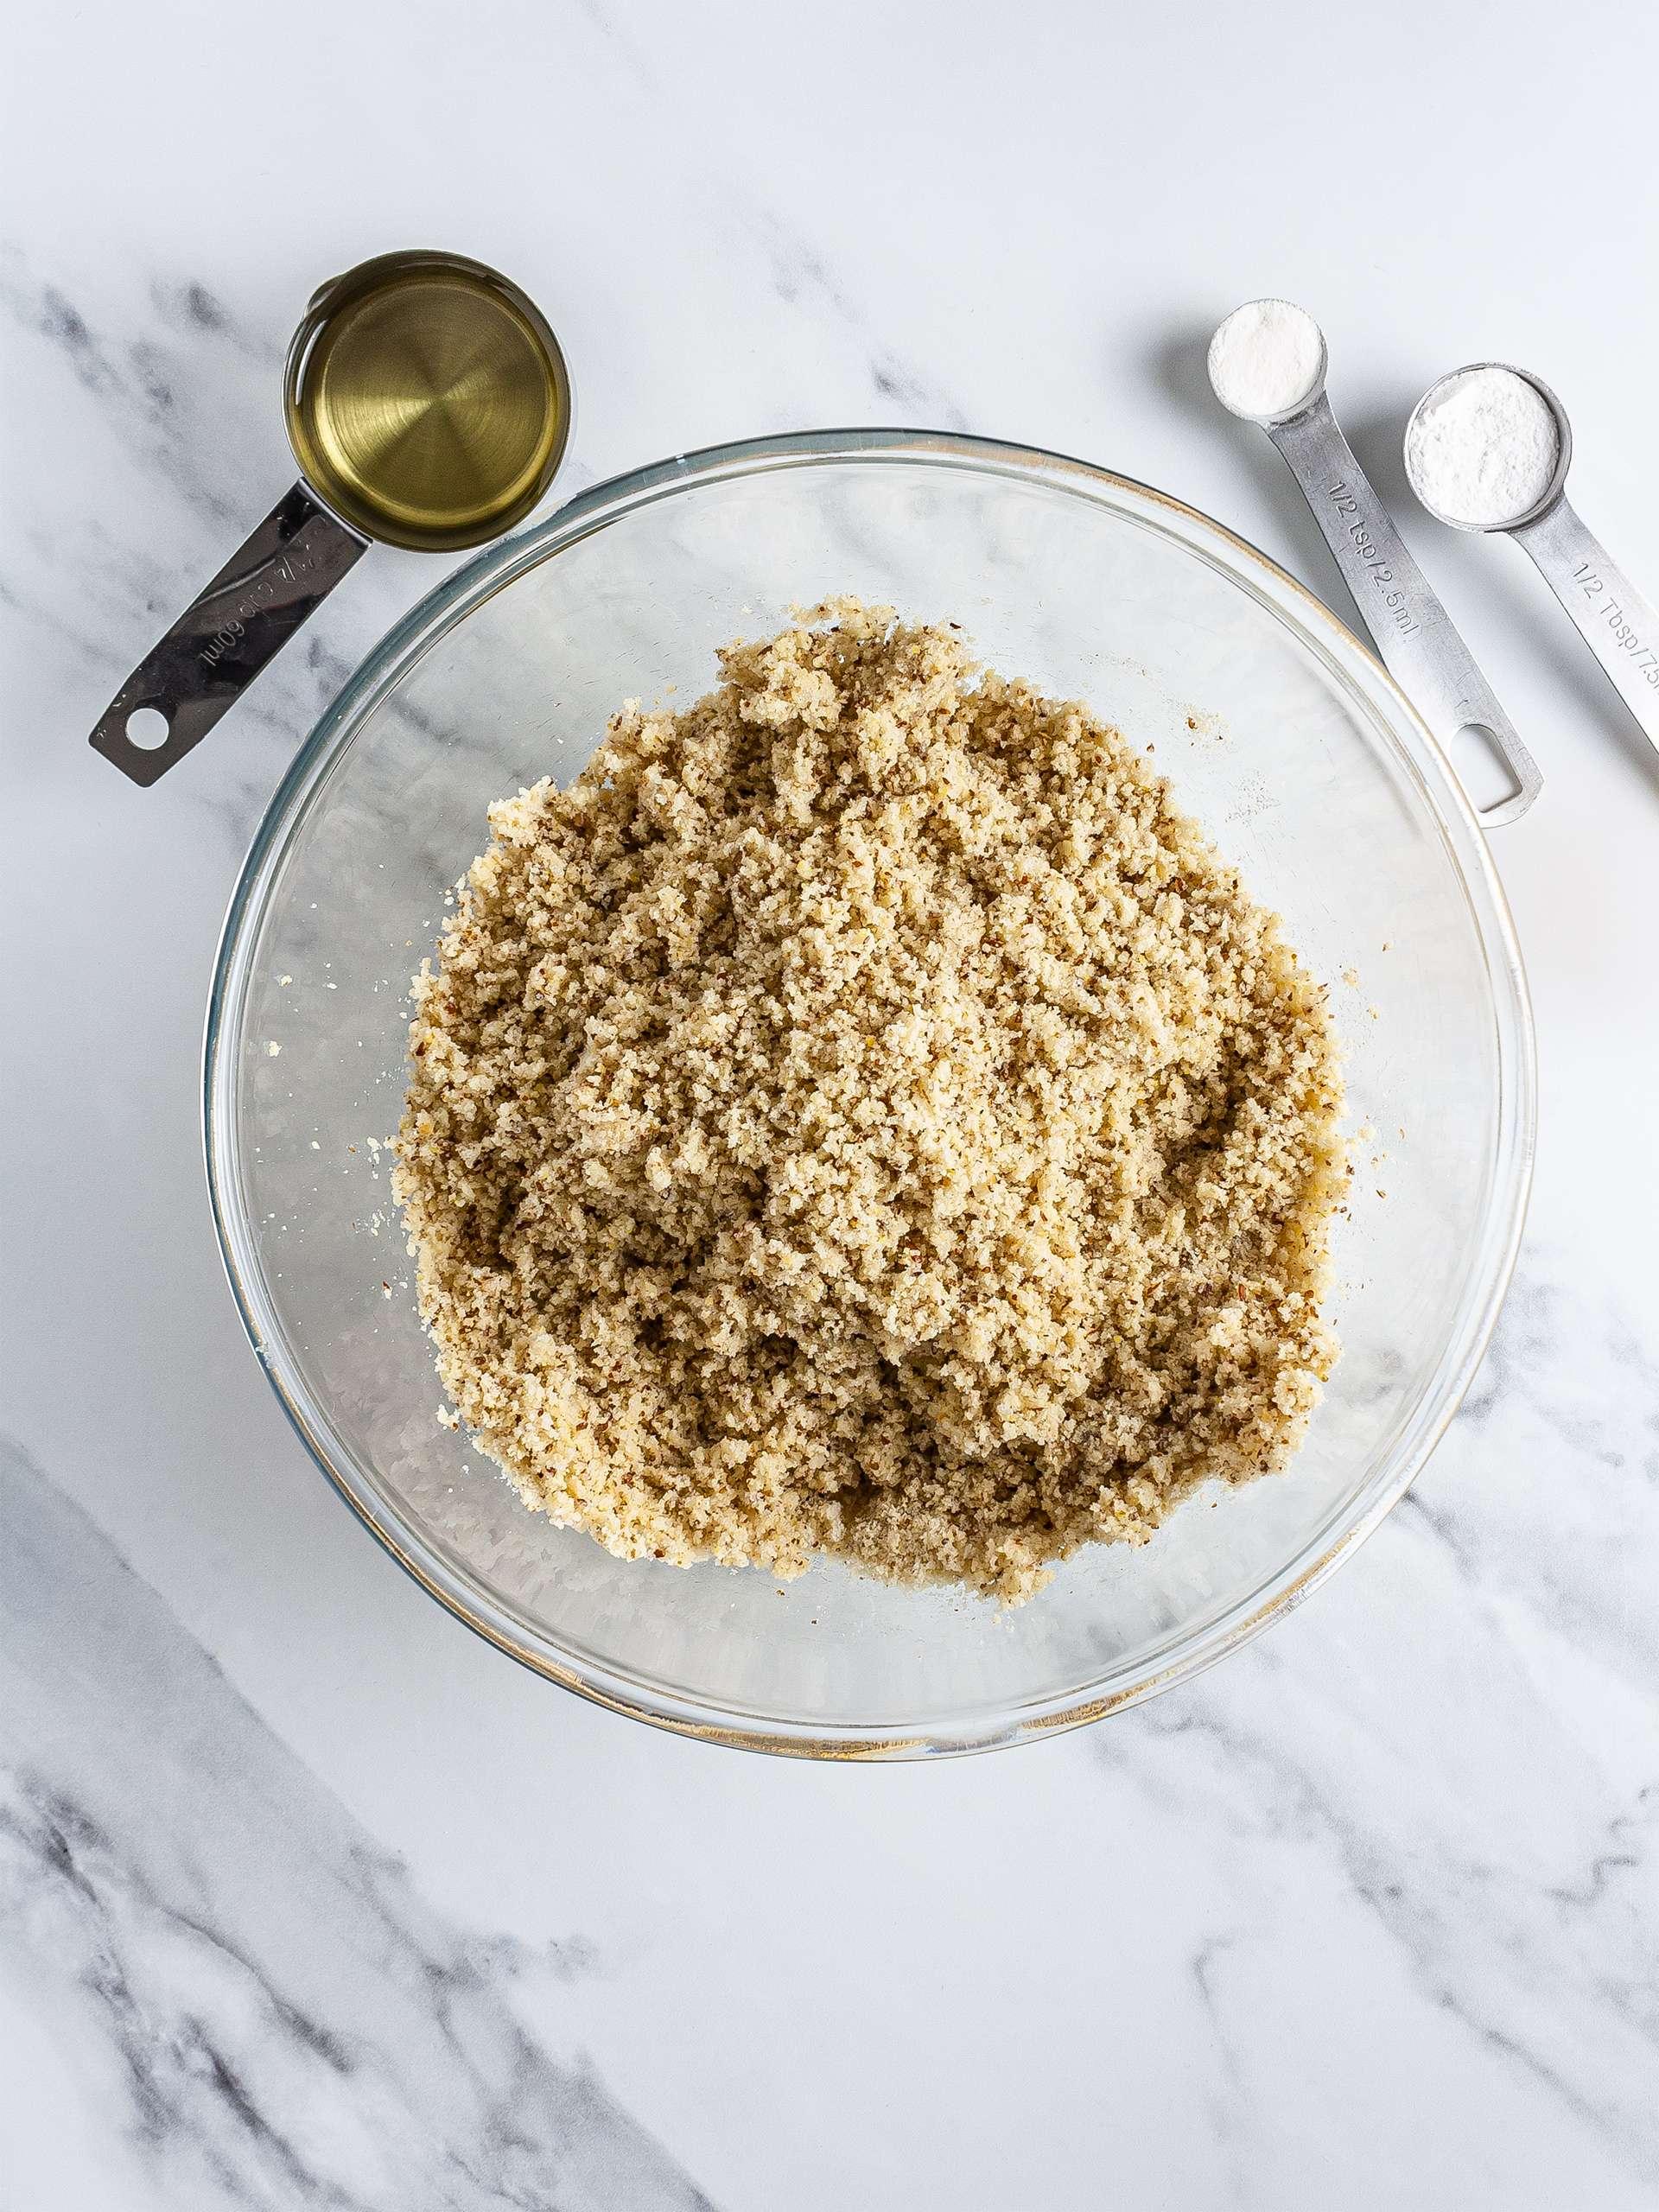 Almond flour mixed with oil, xanthan gum, baking powder